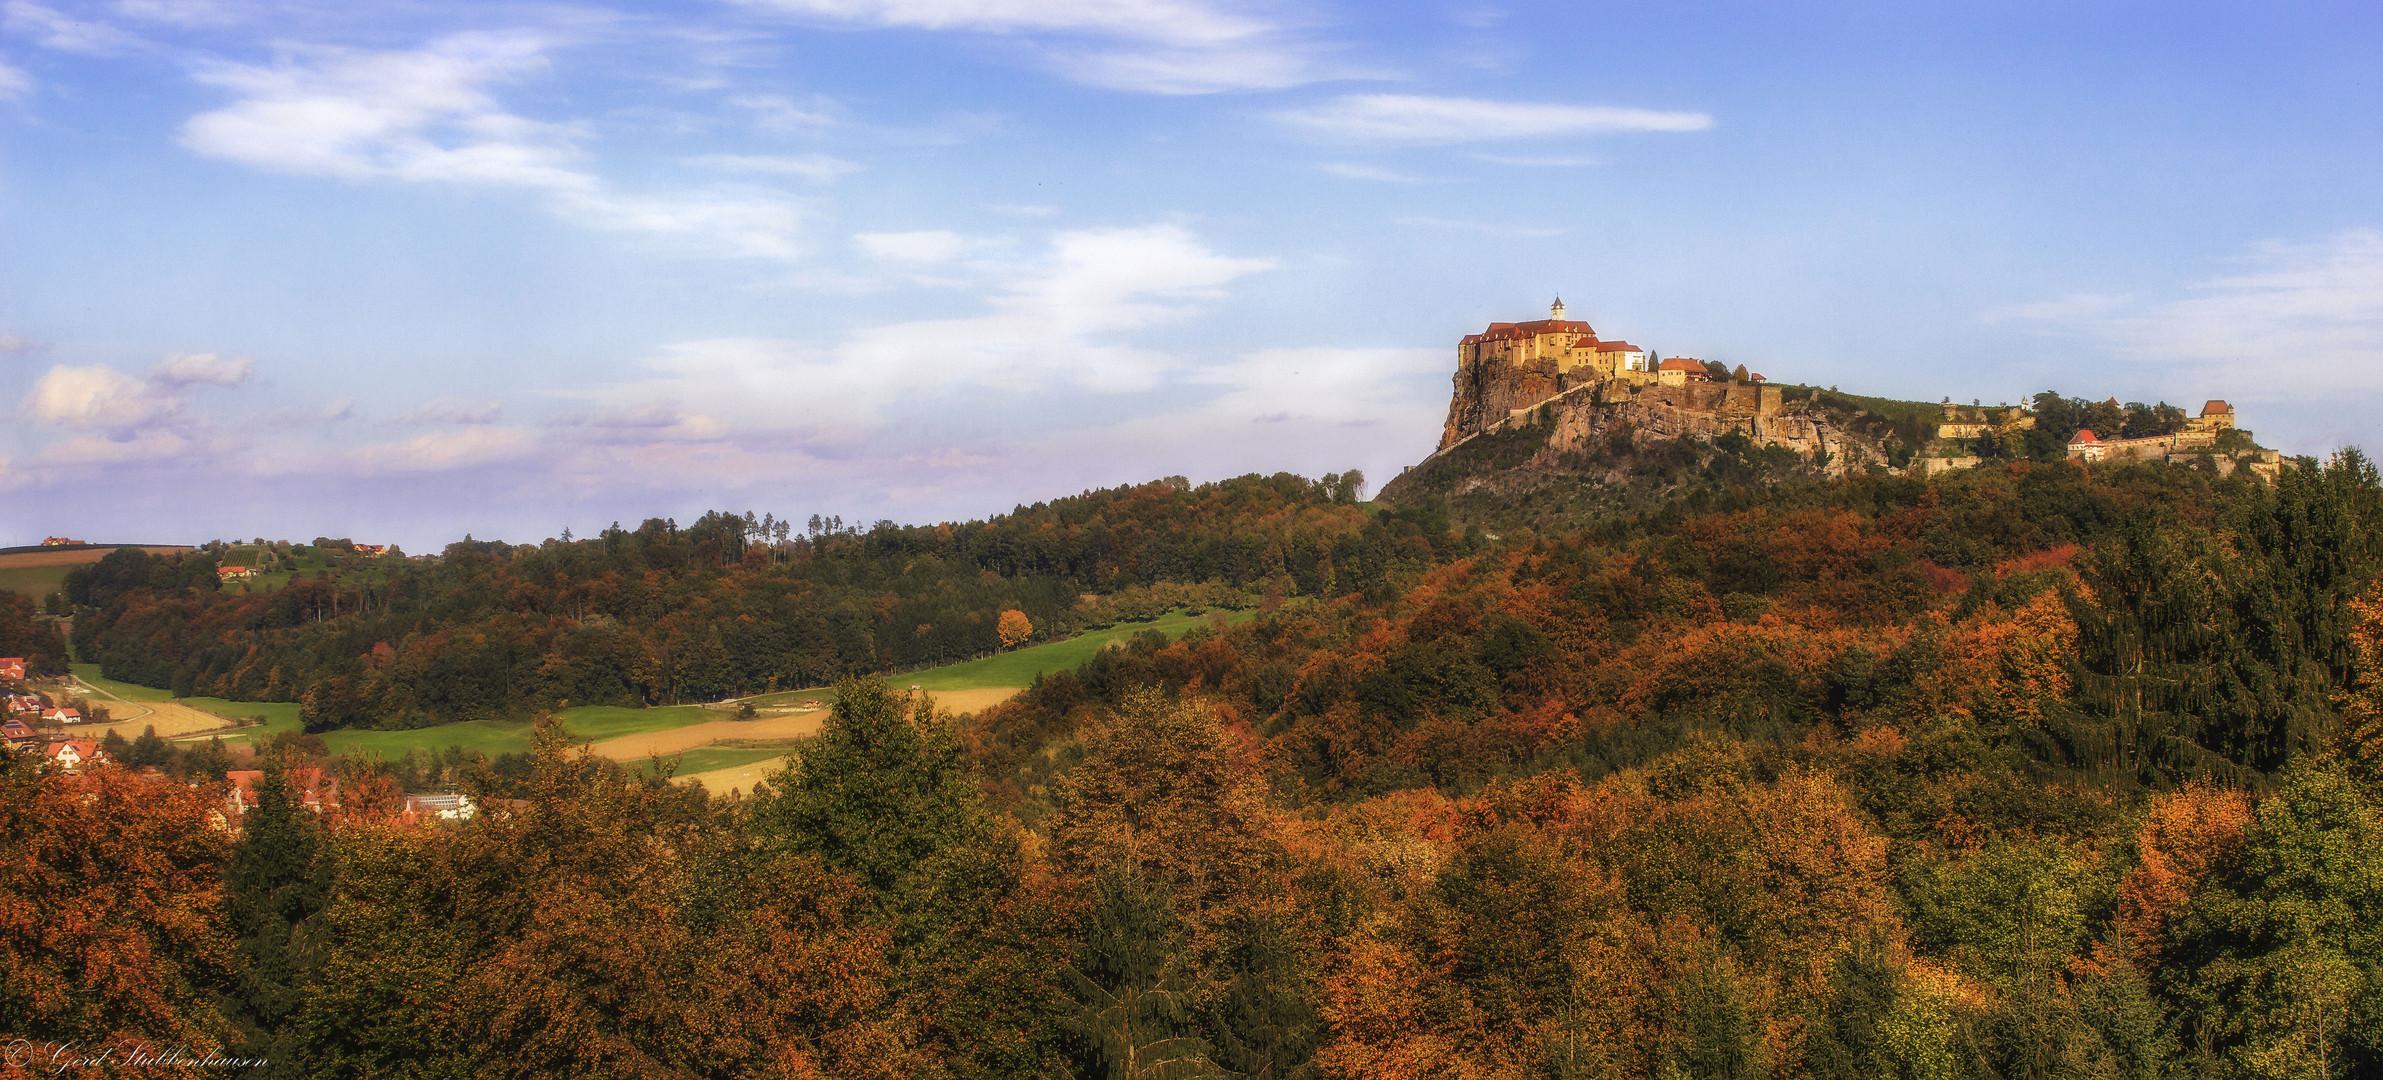 In der herbstlich Südoststeiermark mit Blick auf die Riegersburg